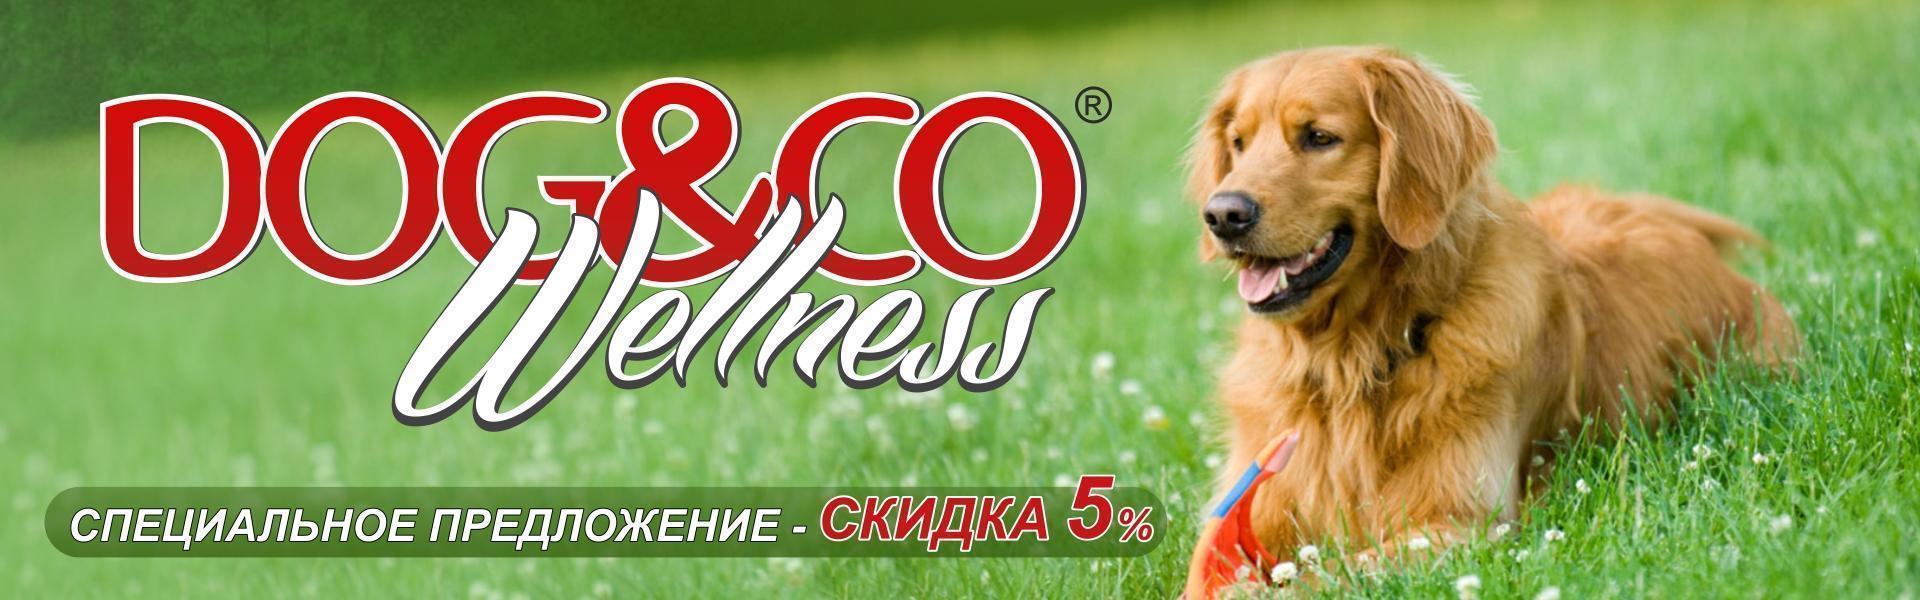 Dog&Co Wellness - специальное предложение скидка 5%!